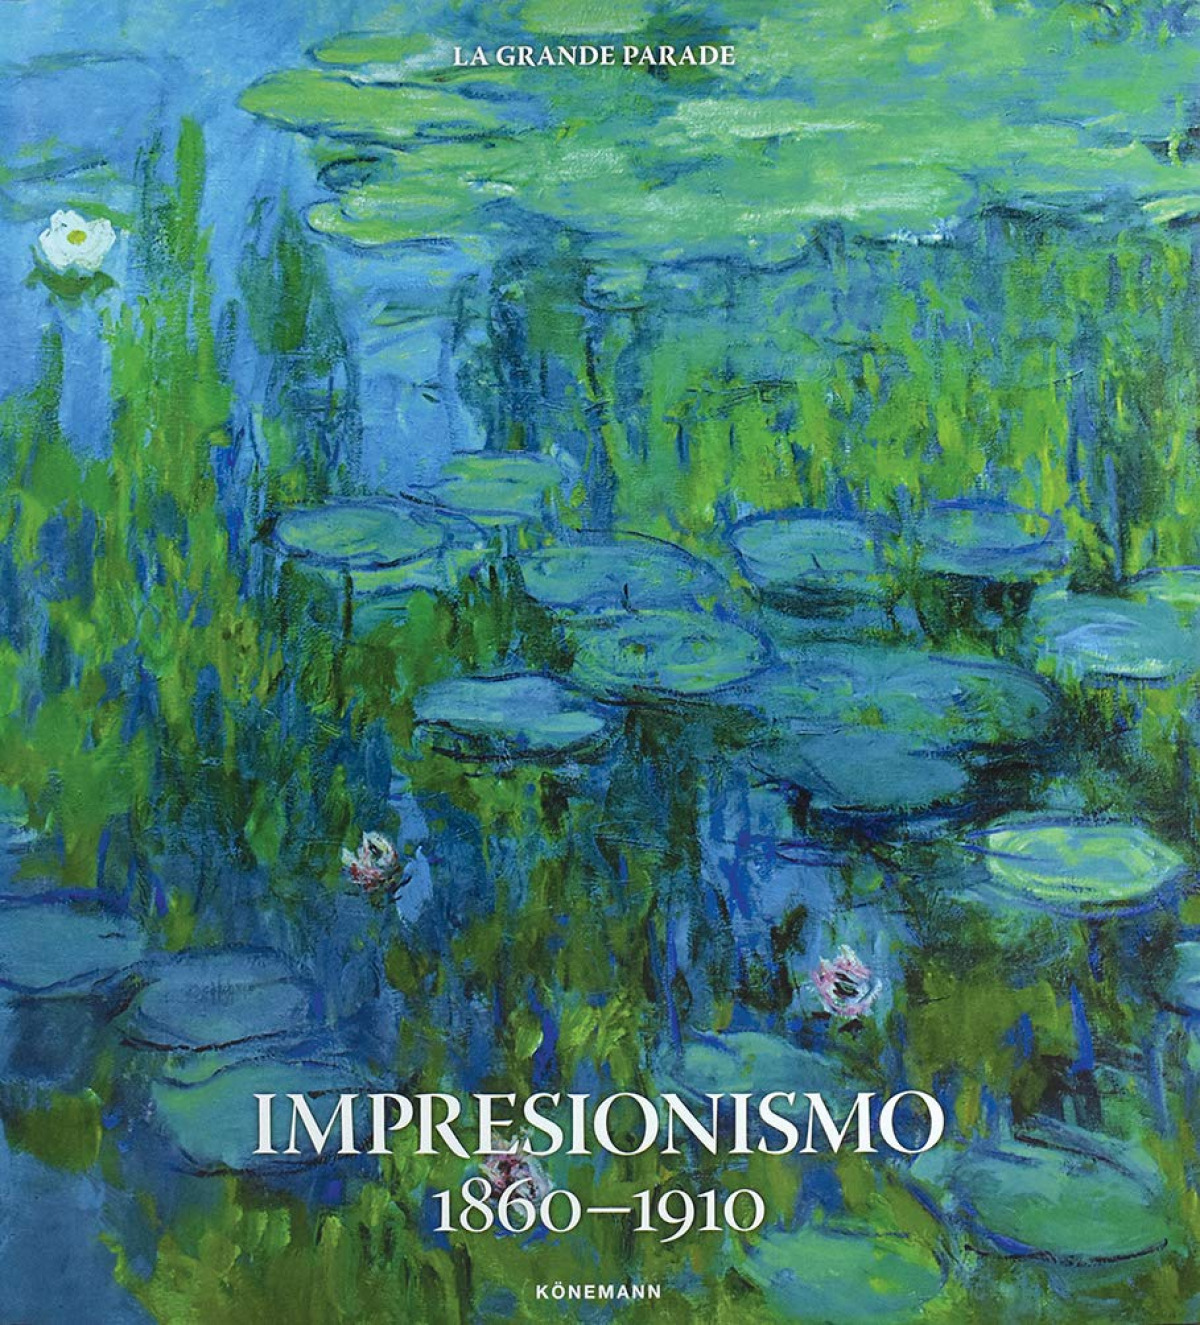 IMPRESIONISMO 1860-1910 9783741922411